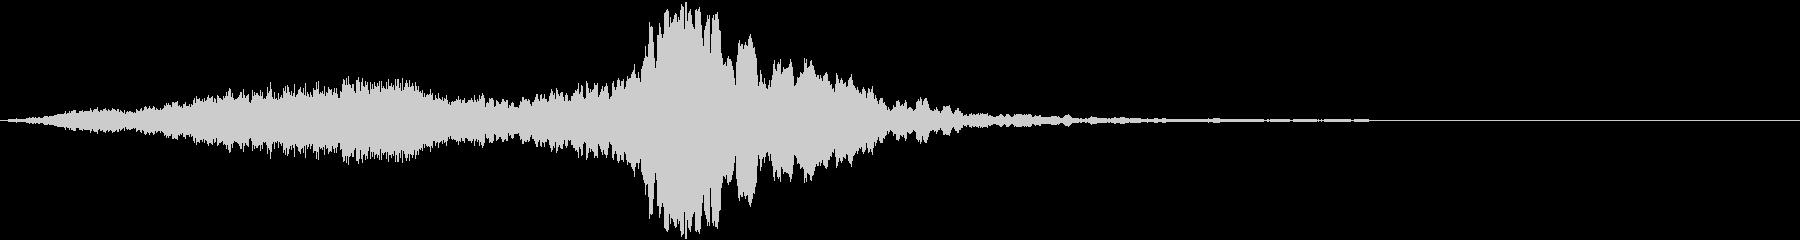 スパーク音(ゲーム・魔法)の未再生の波形